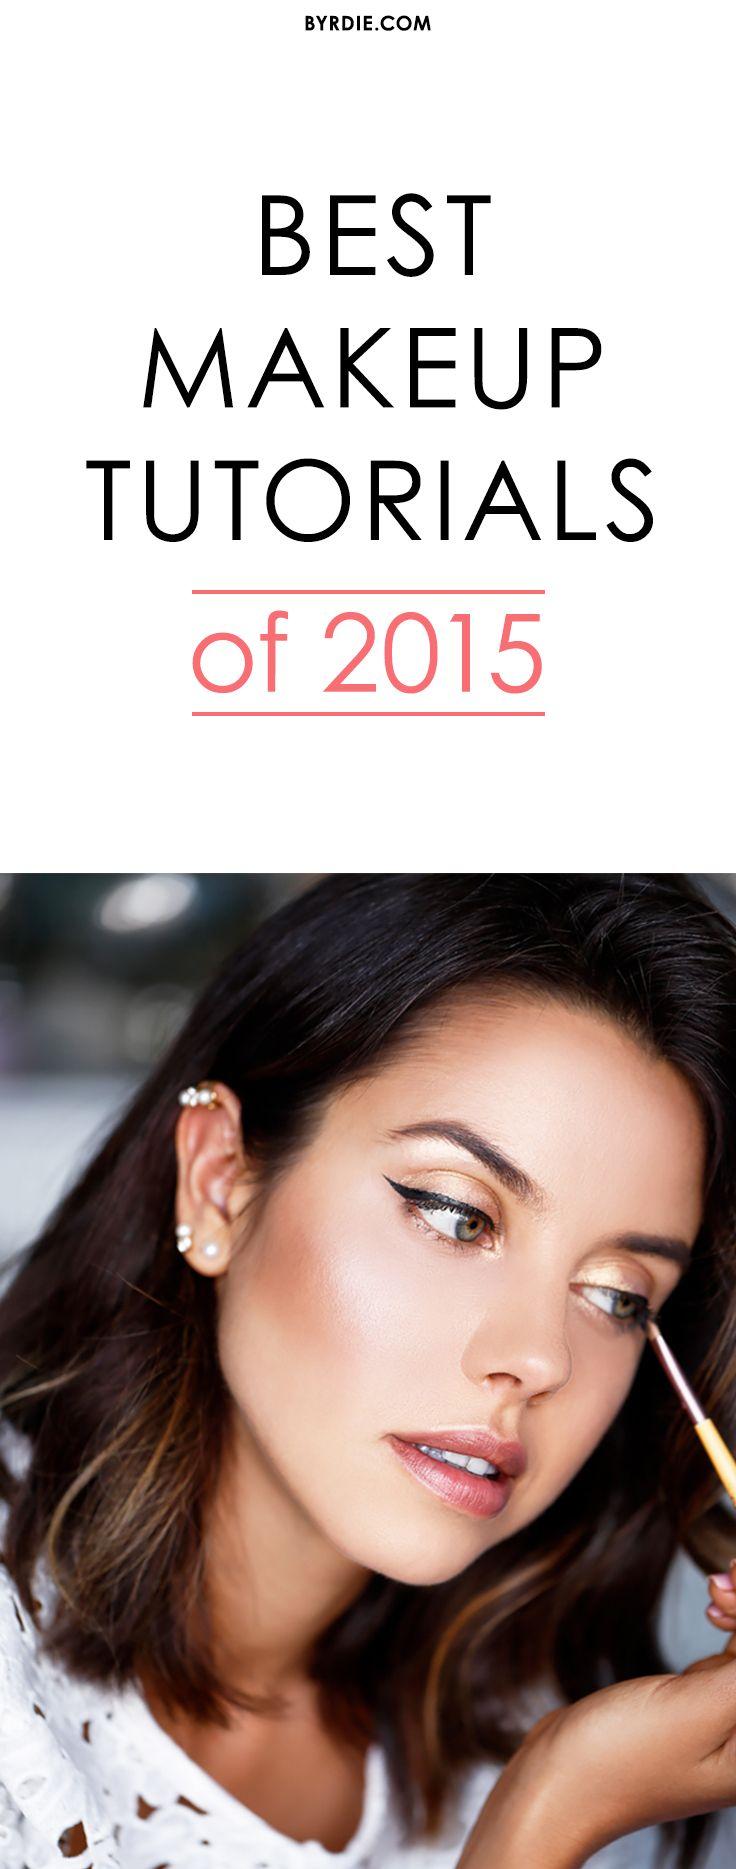 2015's best makeup tutorials